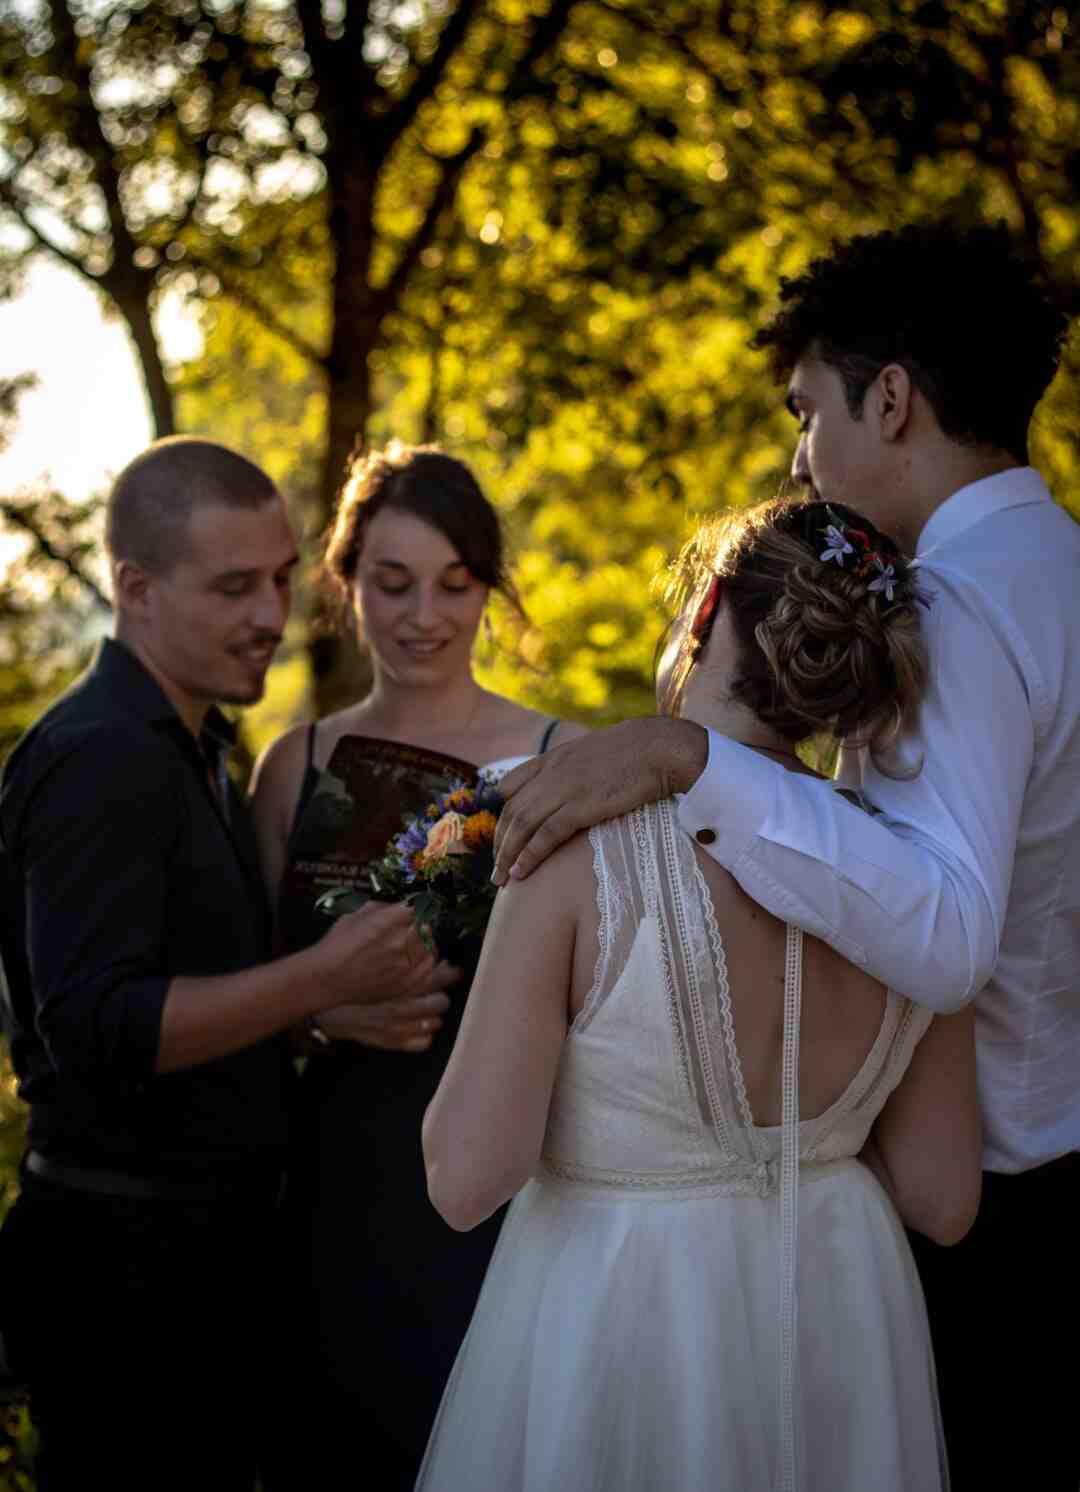 Qui doit payer la robe de la mariée ?